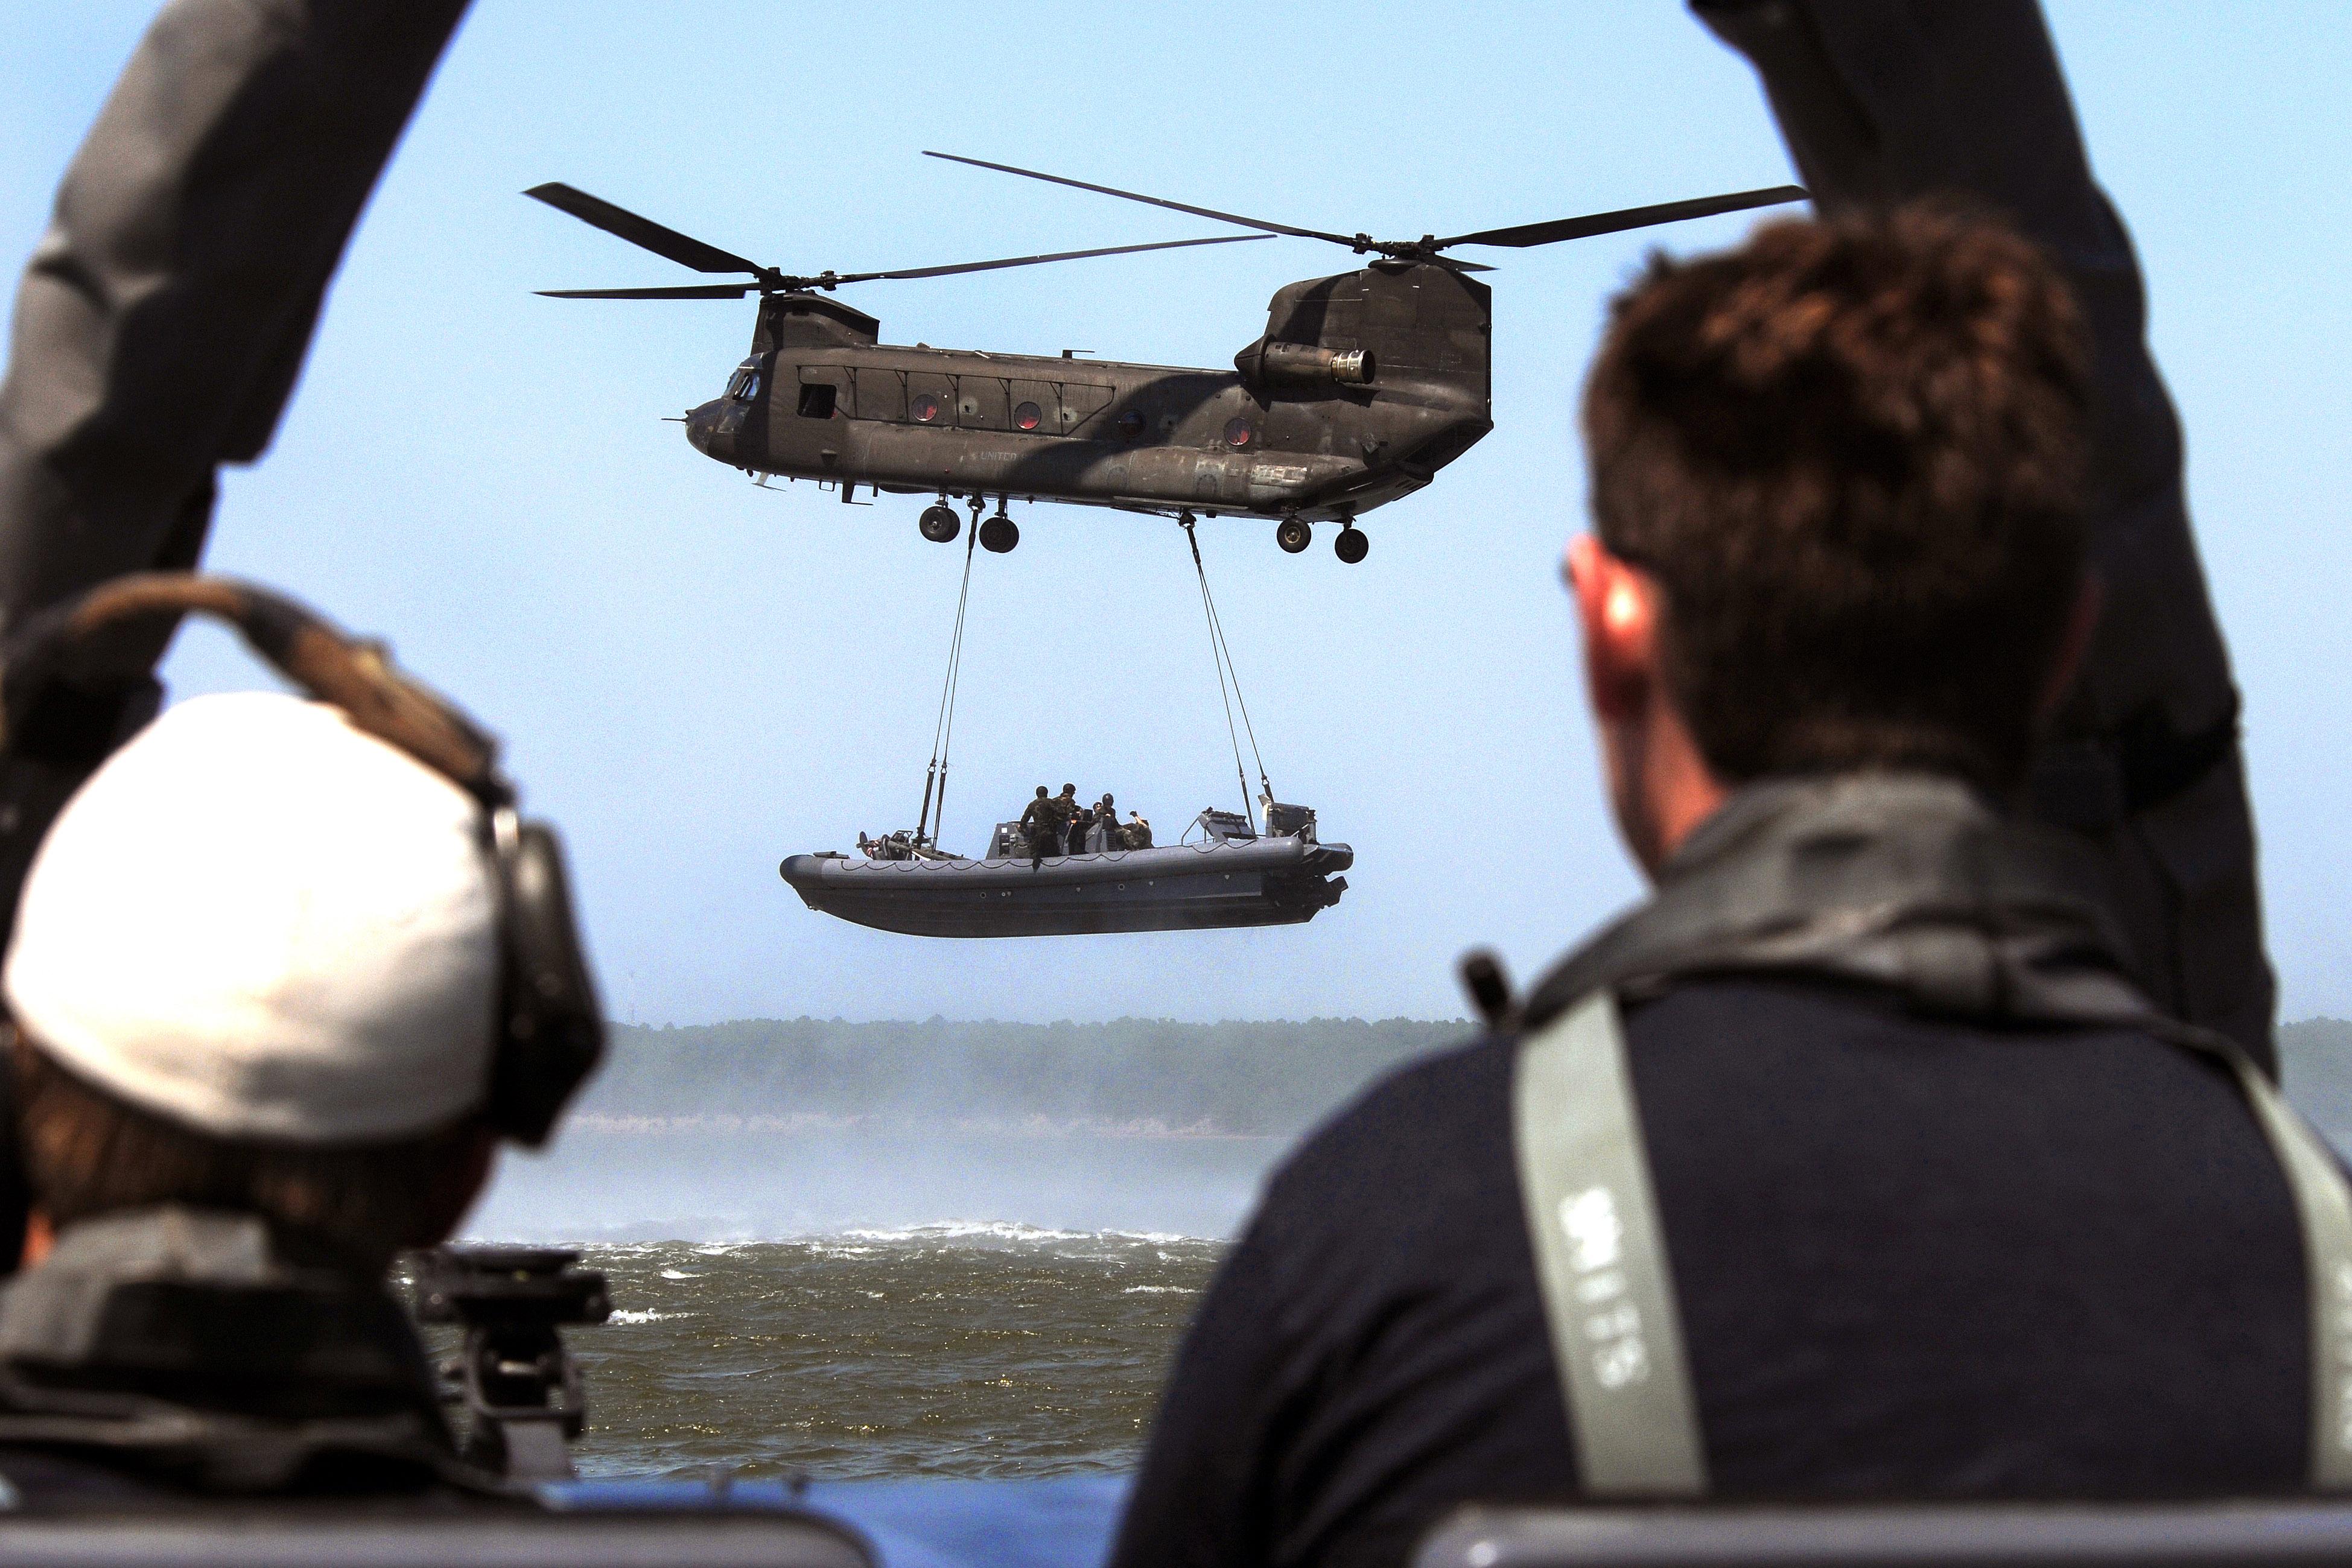 Helicopter_hoists_RHIB.jpg